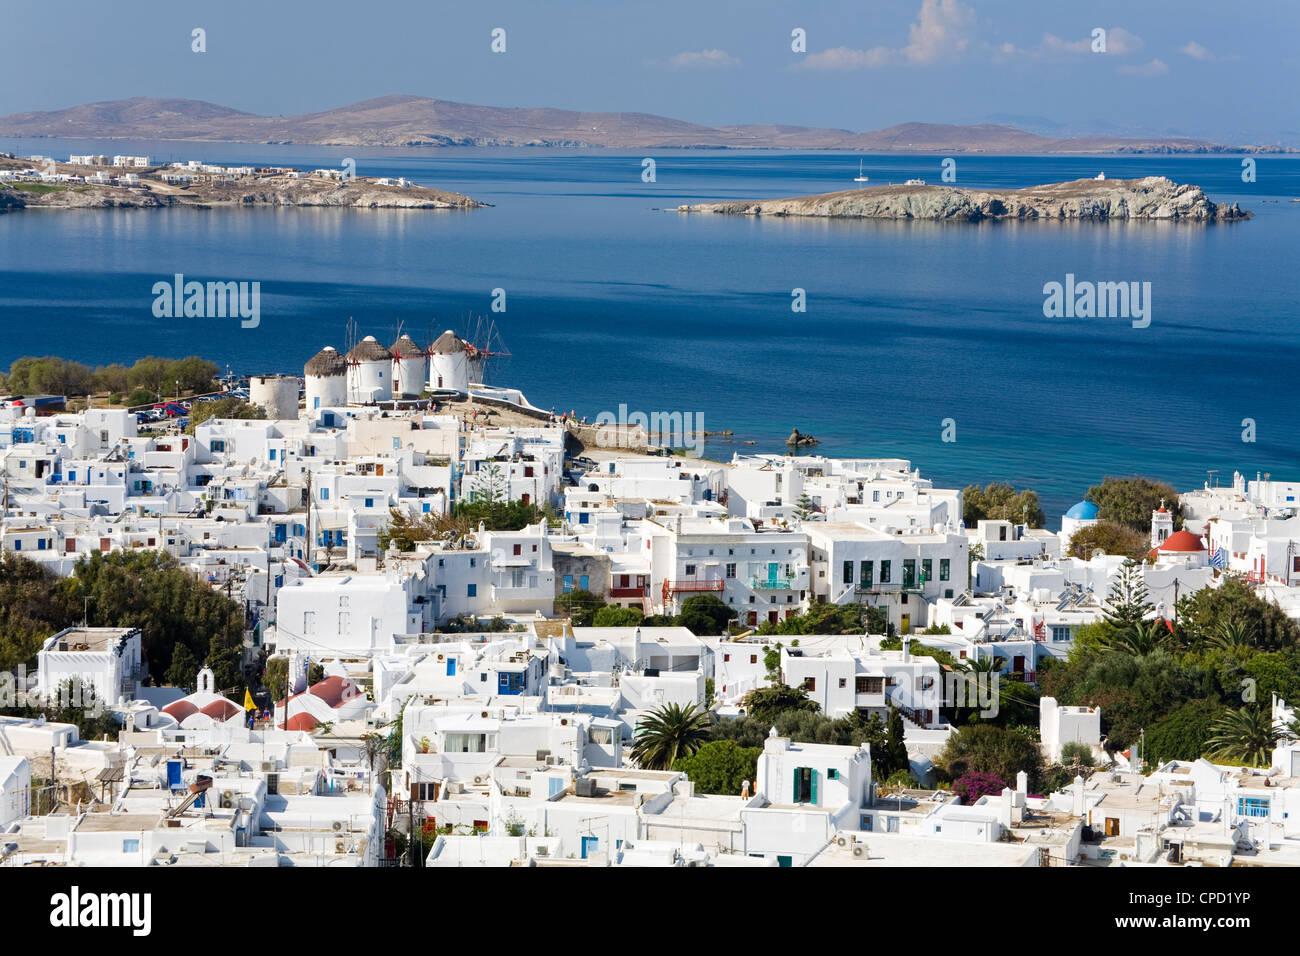 Mykonos Town, Island of Mykonos, Cyclades, Greek Islands, Greece, Europe - Stock Image